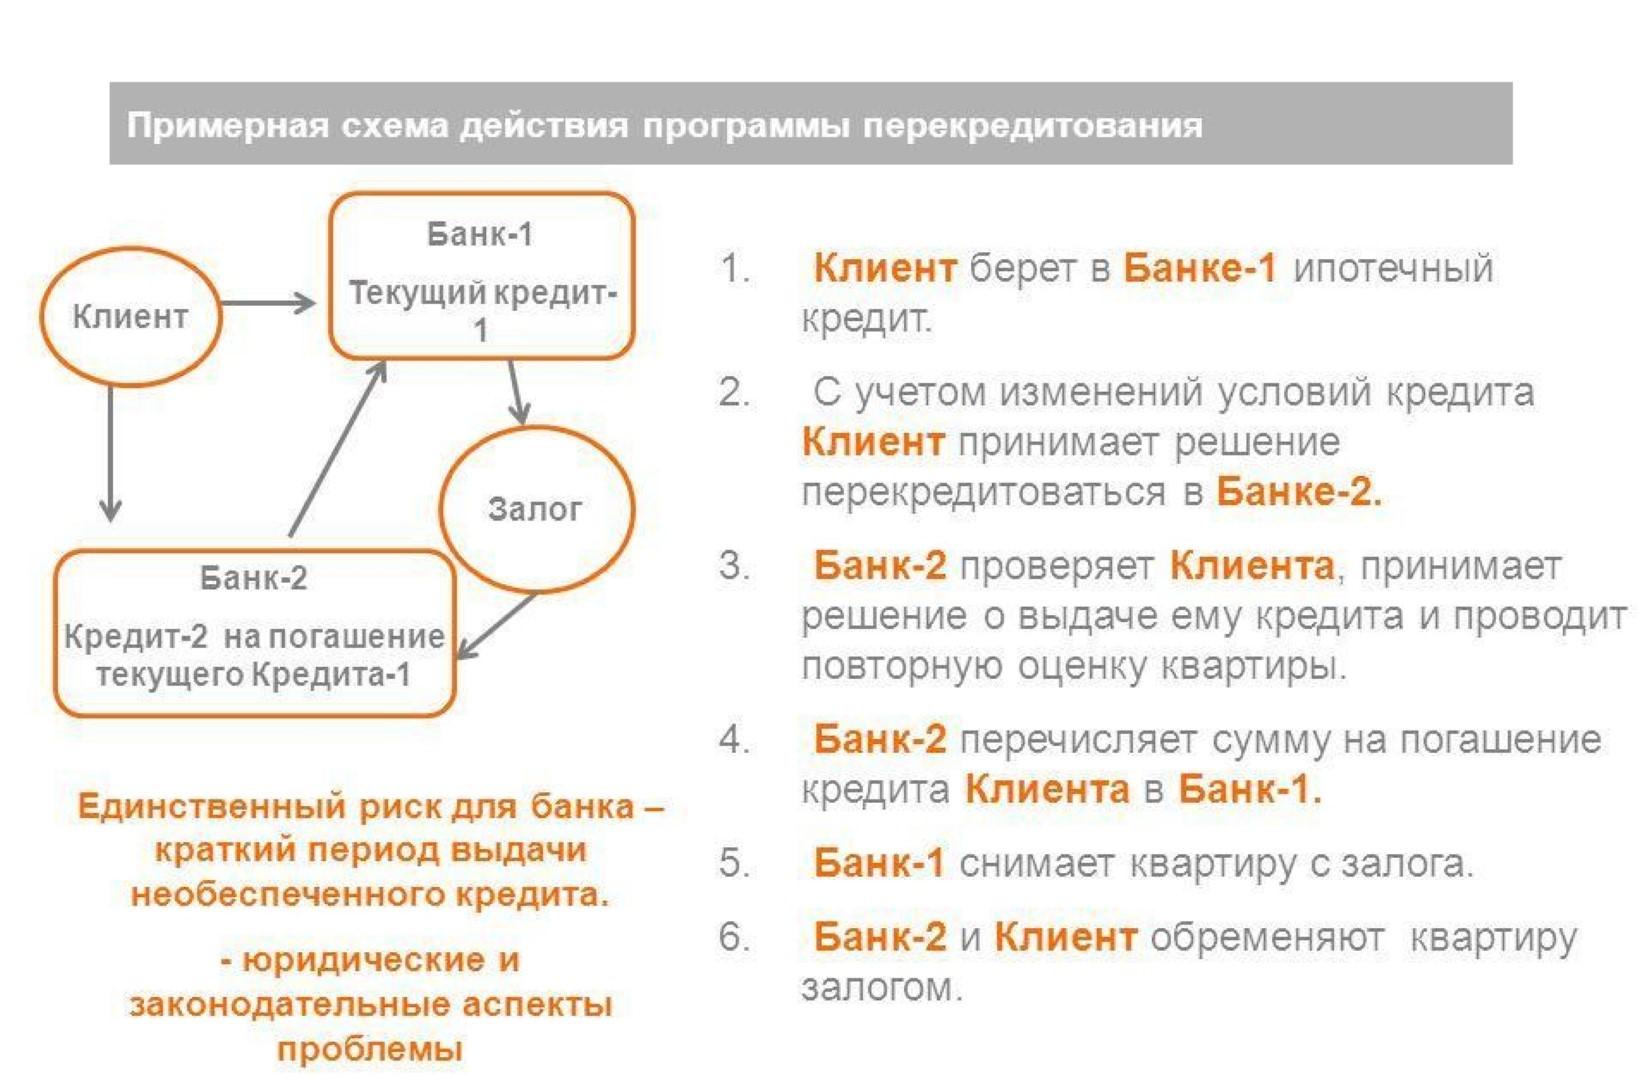 Общая схема рефинансирования ипотечных займов